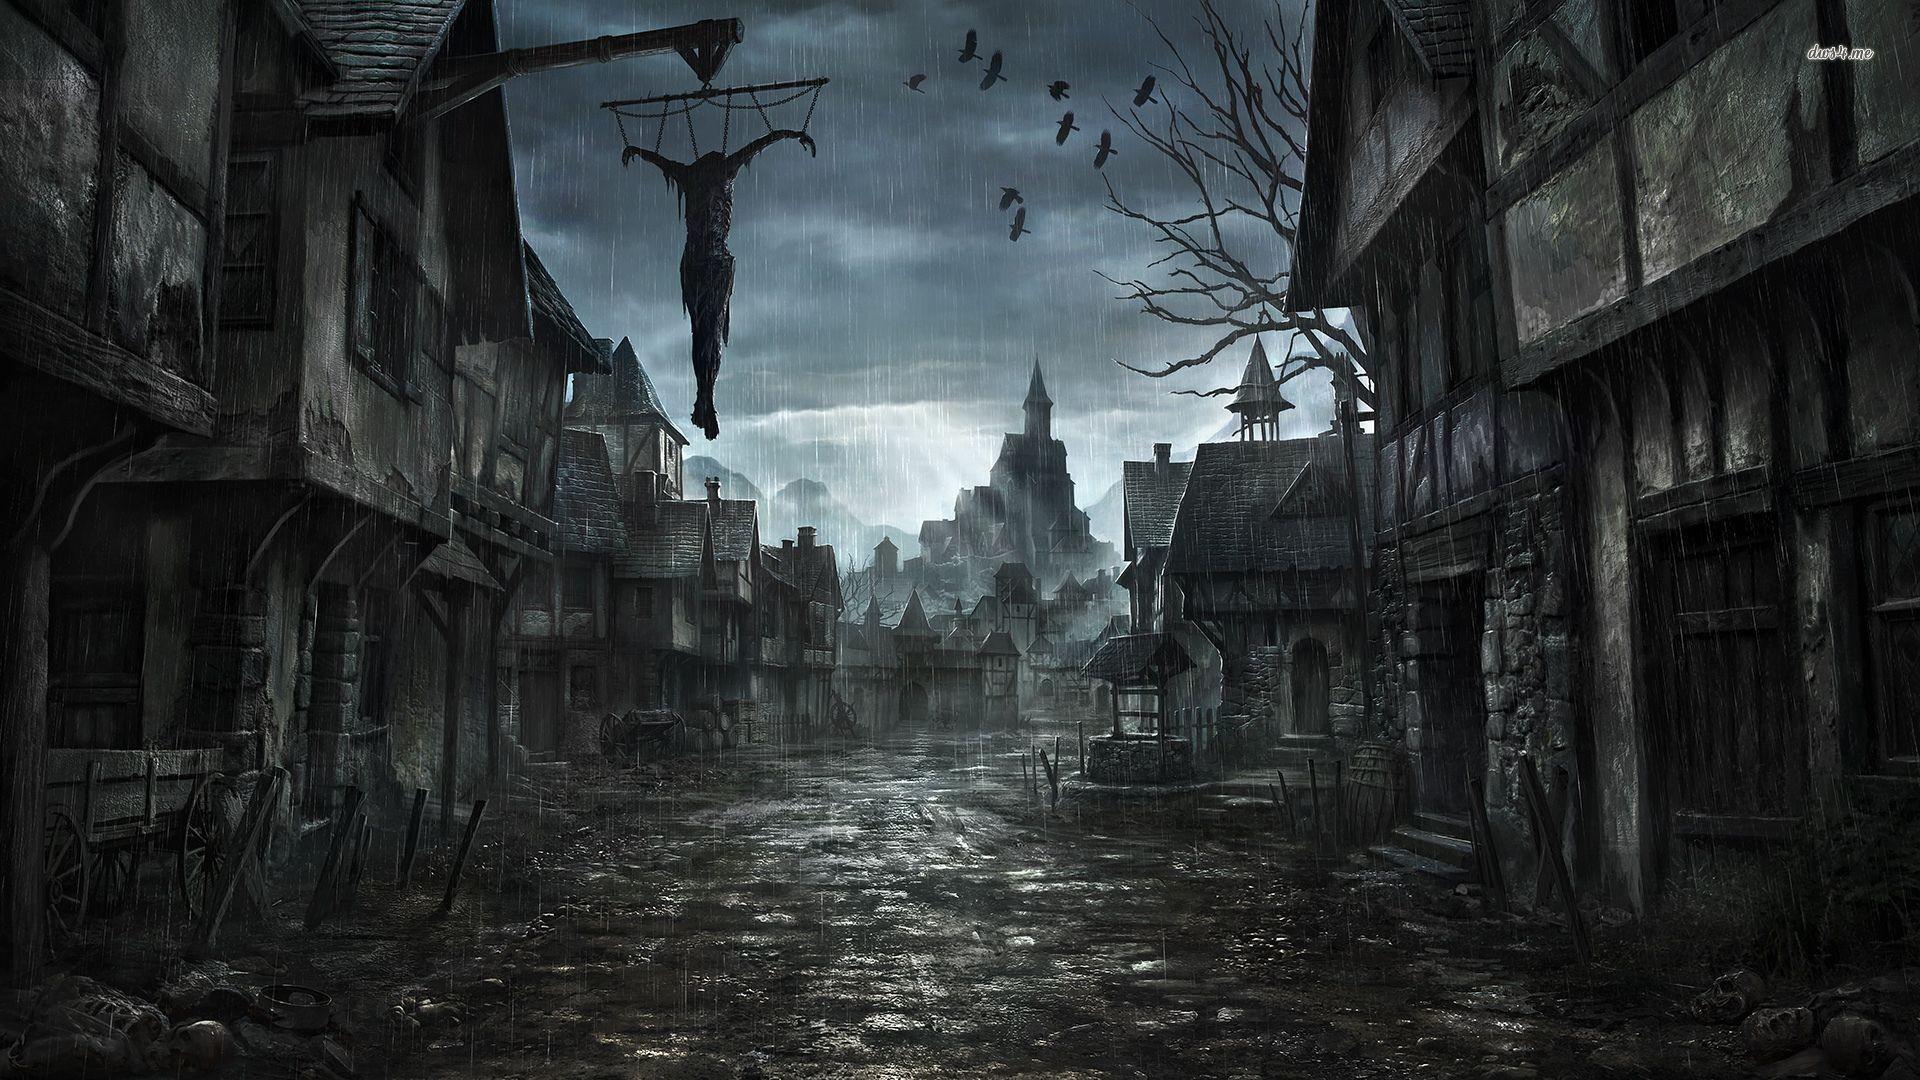 Scary Halloween Desktop Wallpapers – Wallpaper Cave